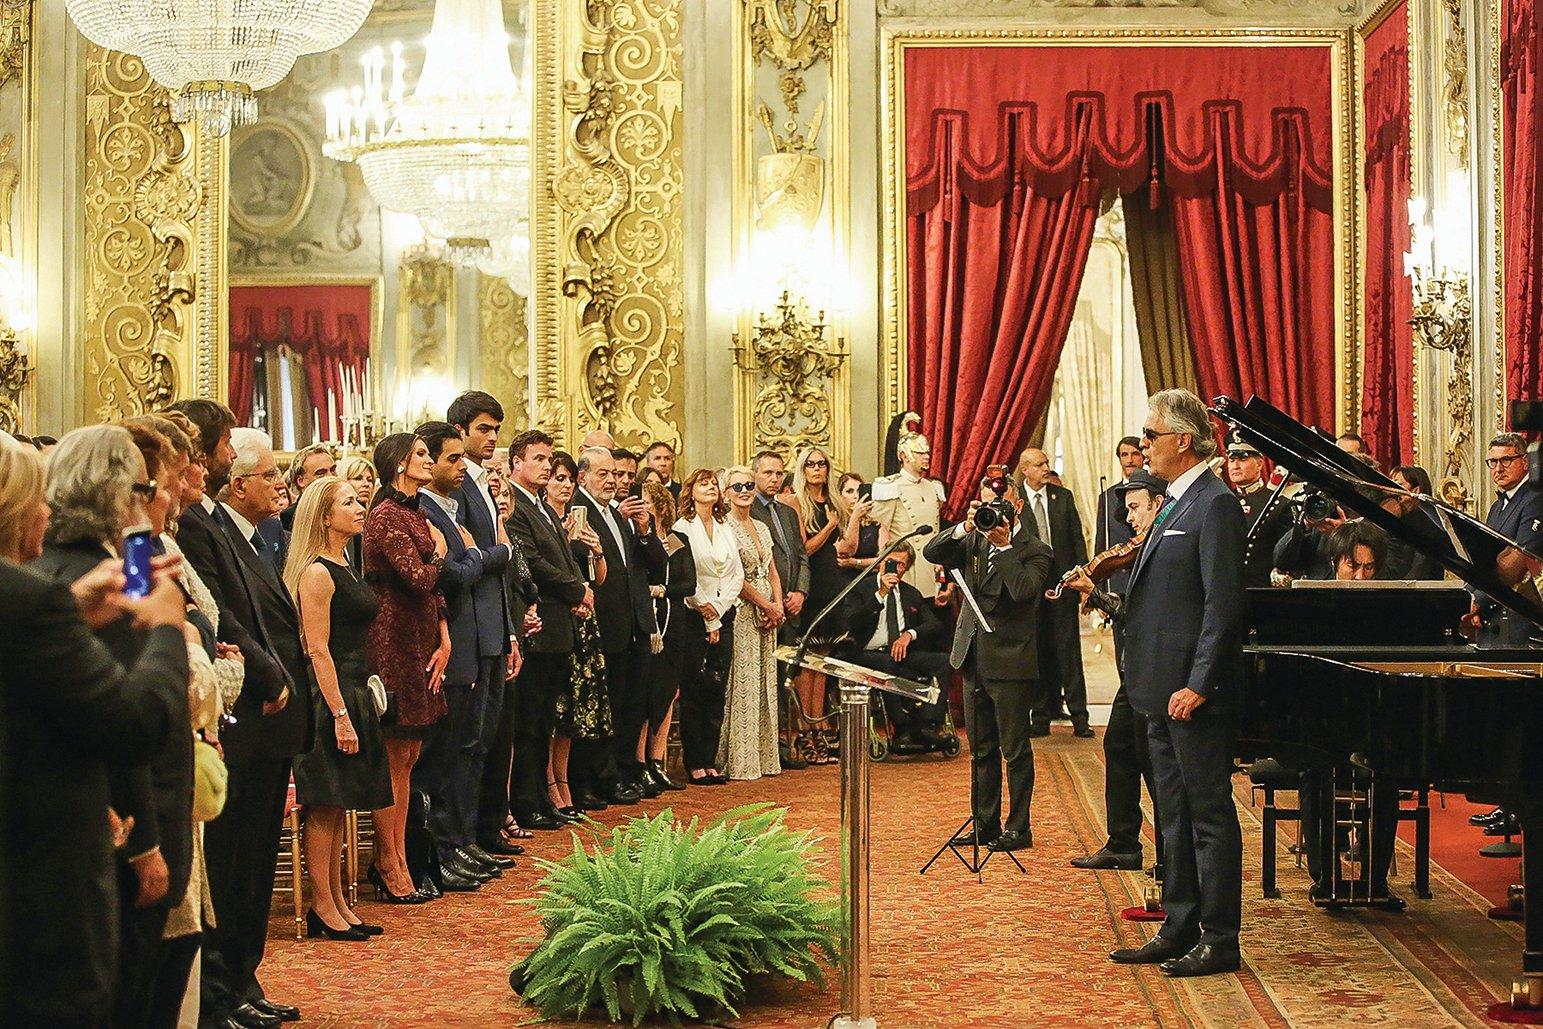 武漢哀鴻遍野之時,2月13日意大利的總統府奎里納萊宮卻傳出了激昂的中共紅歌曲調。圖為在2017年奎里納萊宮舉辦的藝術表演的場景。(Getty Images)